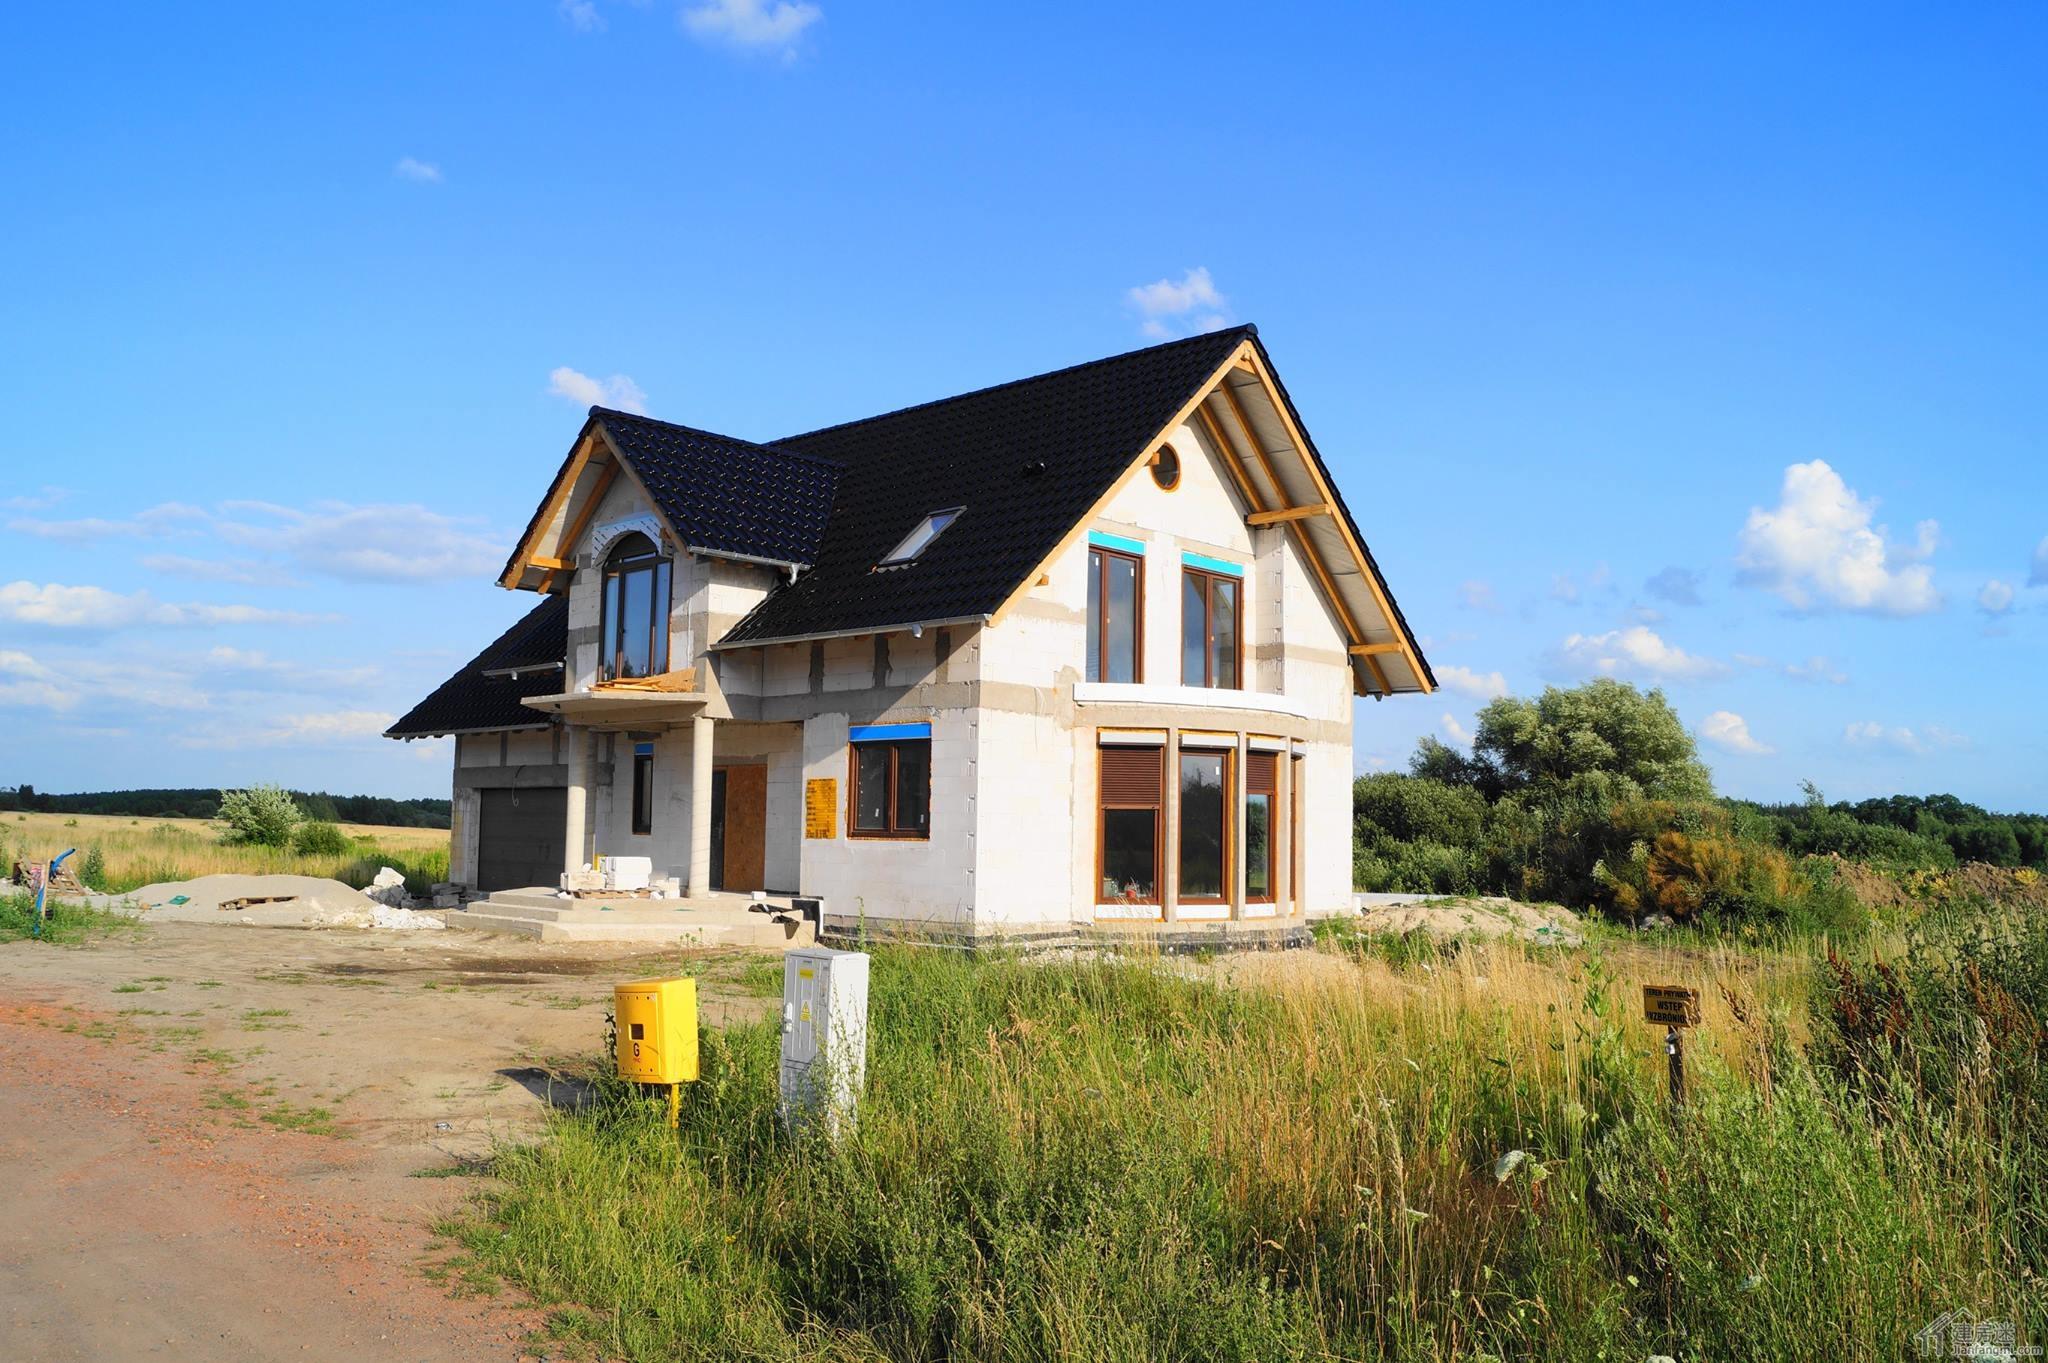 欧式风格两层三大间120平米砖混轻钢别墅设计图纸-迷